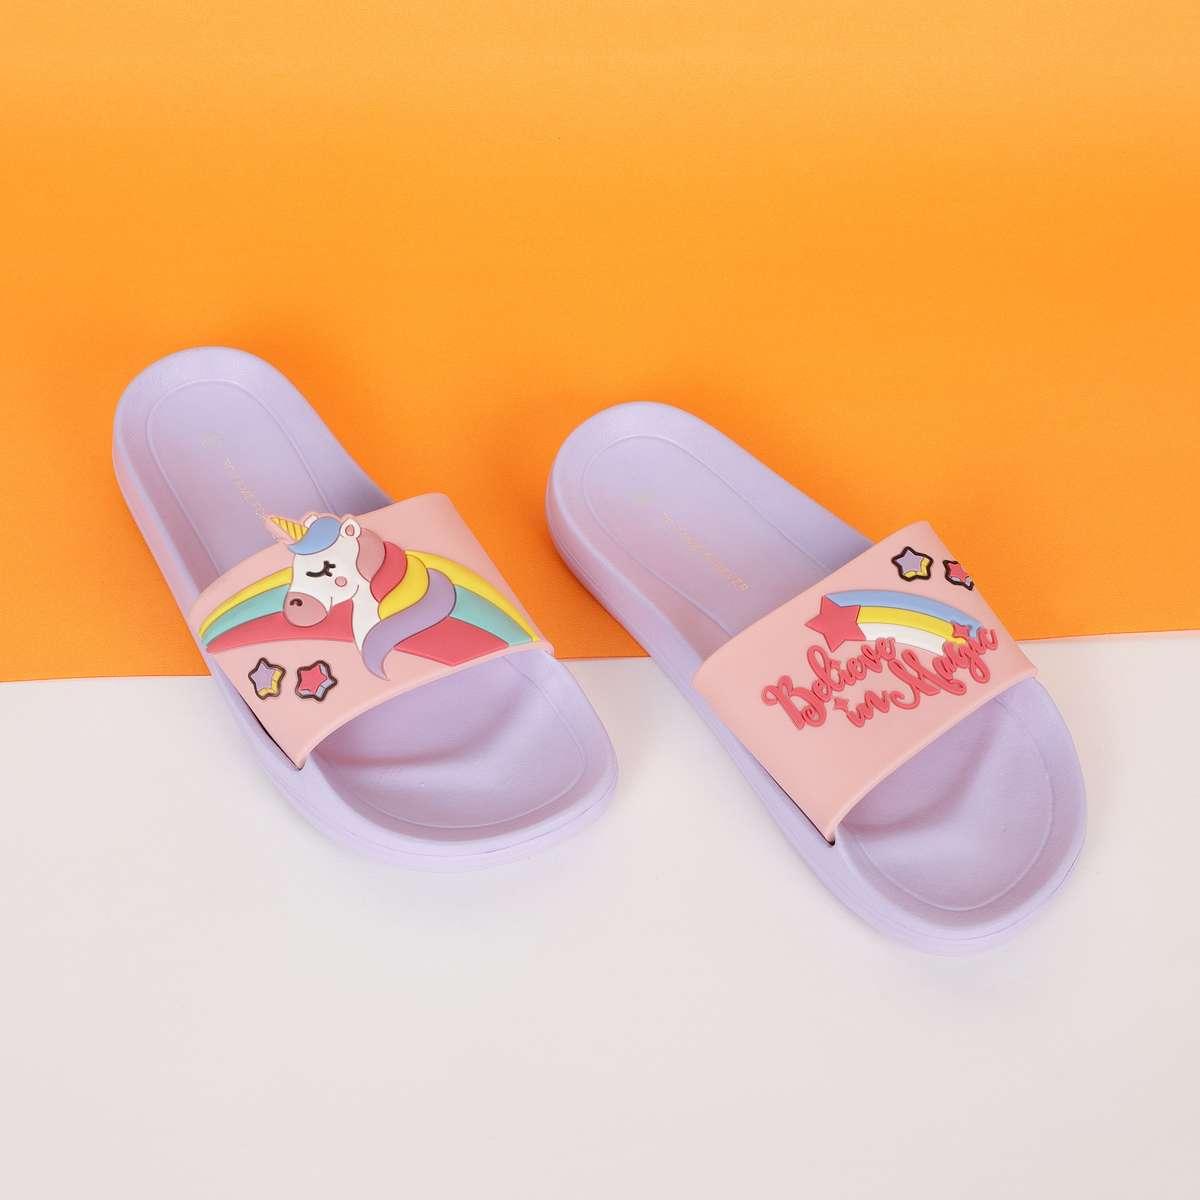 3.FAME FOREVER Girls Unicorn Applique Sliders